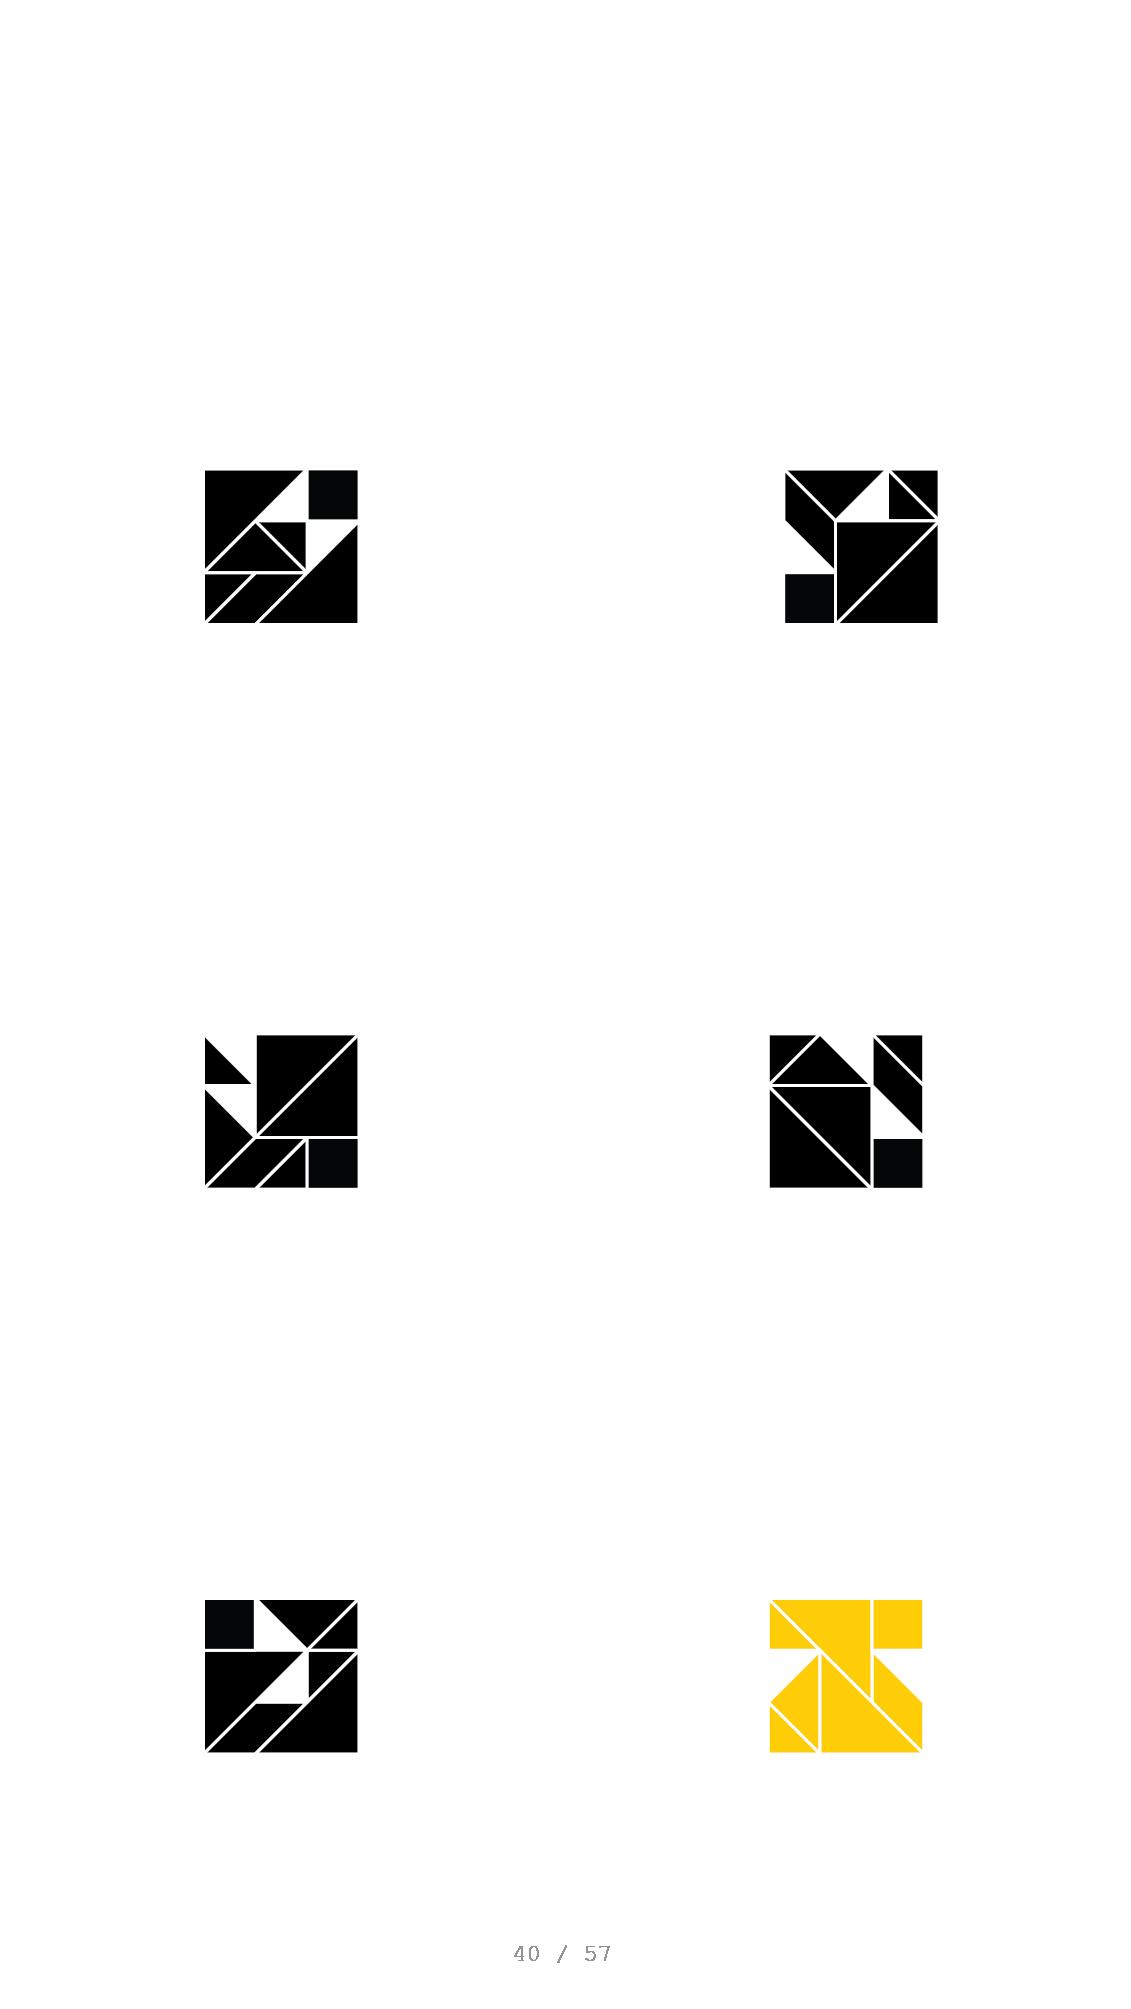 Tangram_Layout_2x3_schwarz-40